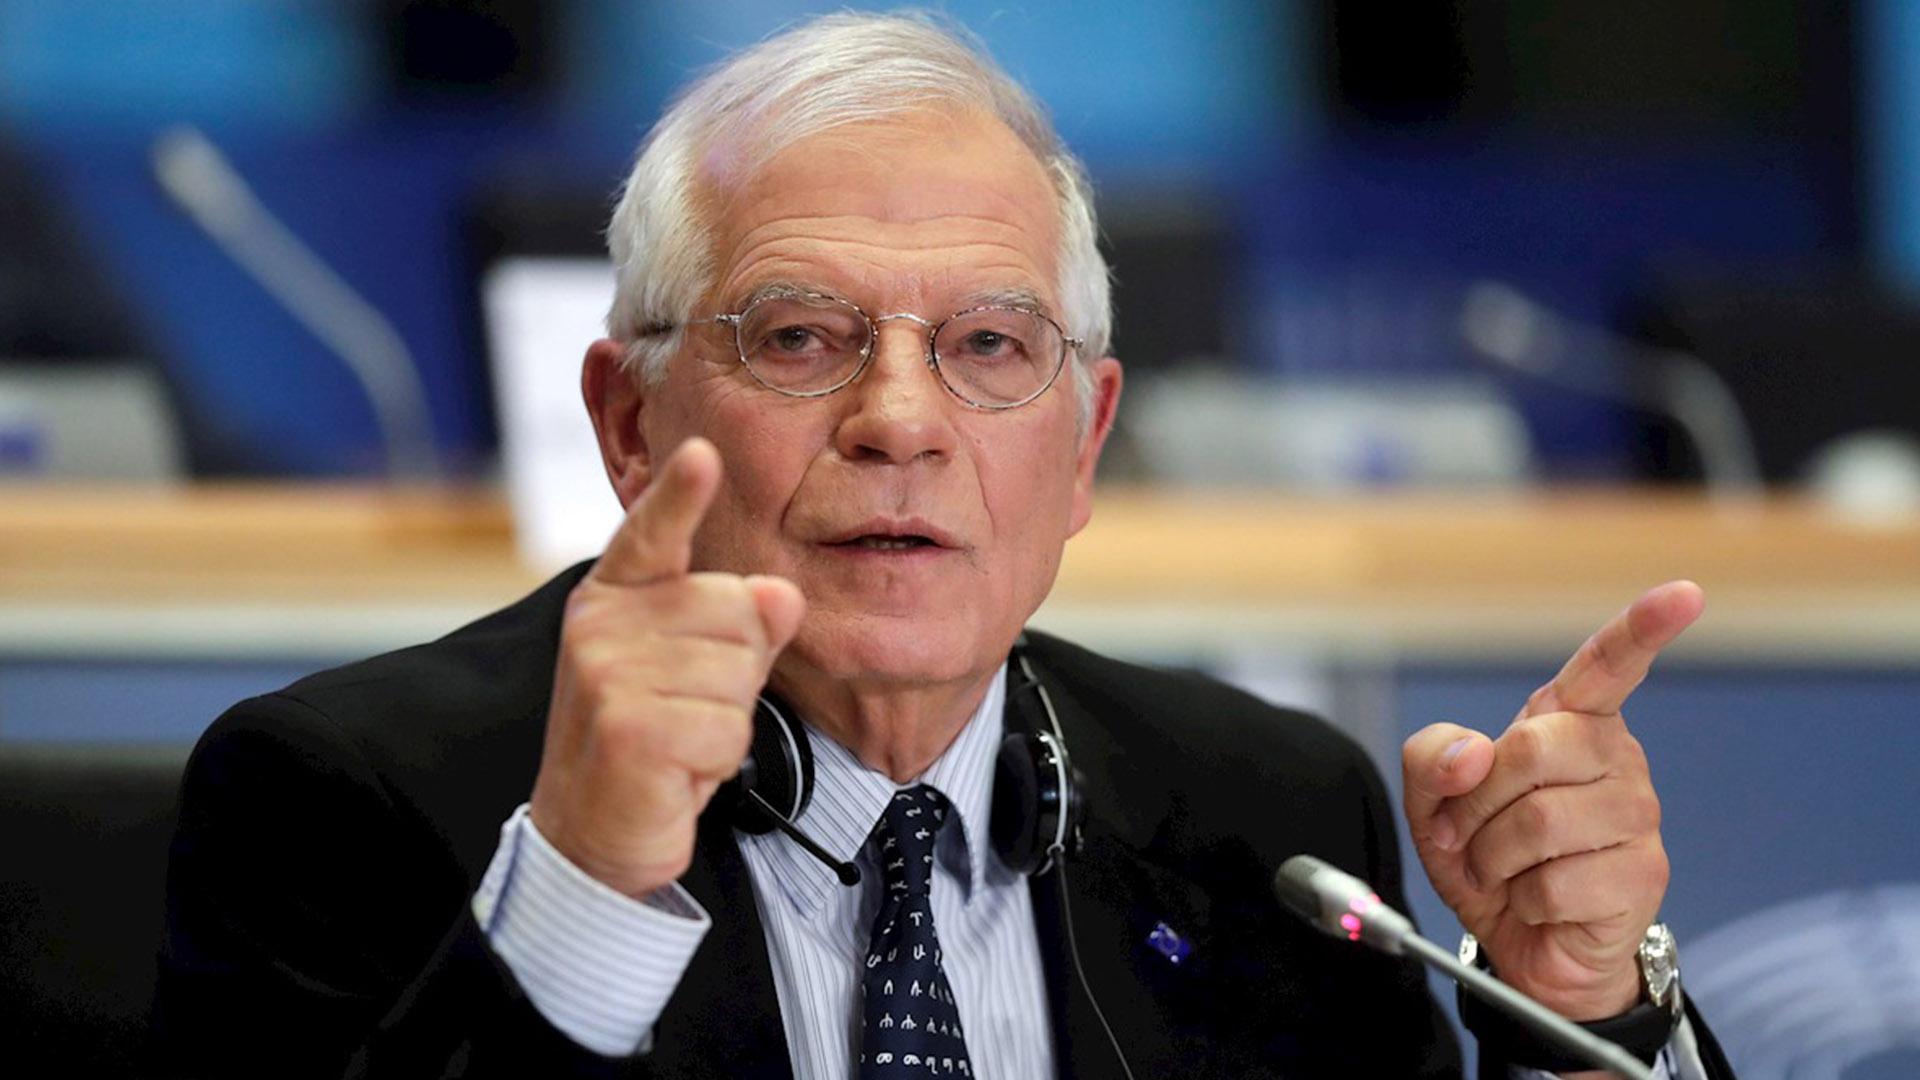 Josep Borrell sobre parlamentarias: No están dadas las condiciones para un proceso transparente, inclusivo y justo